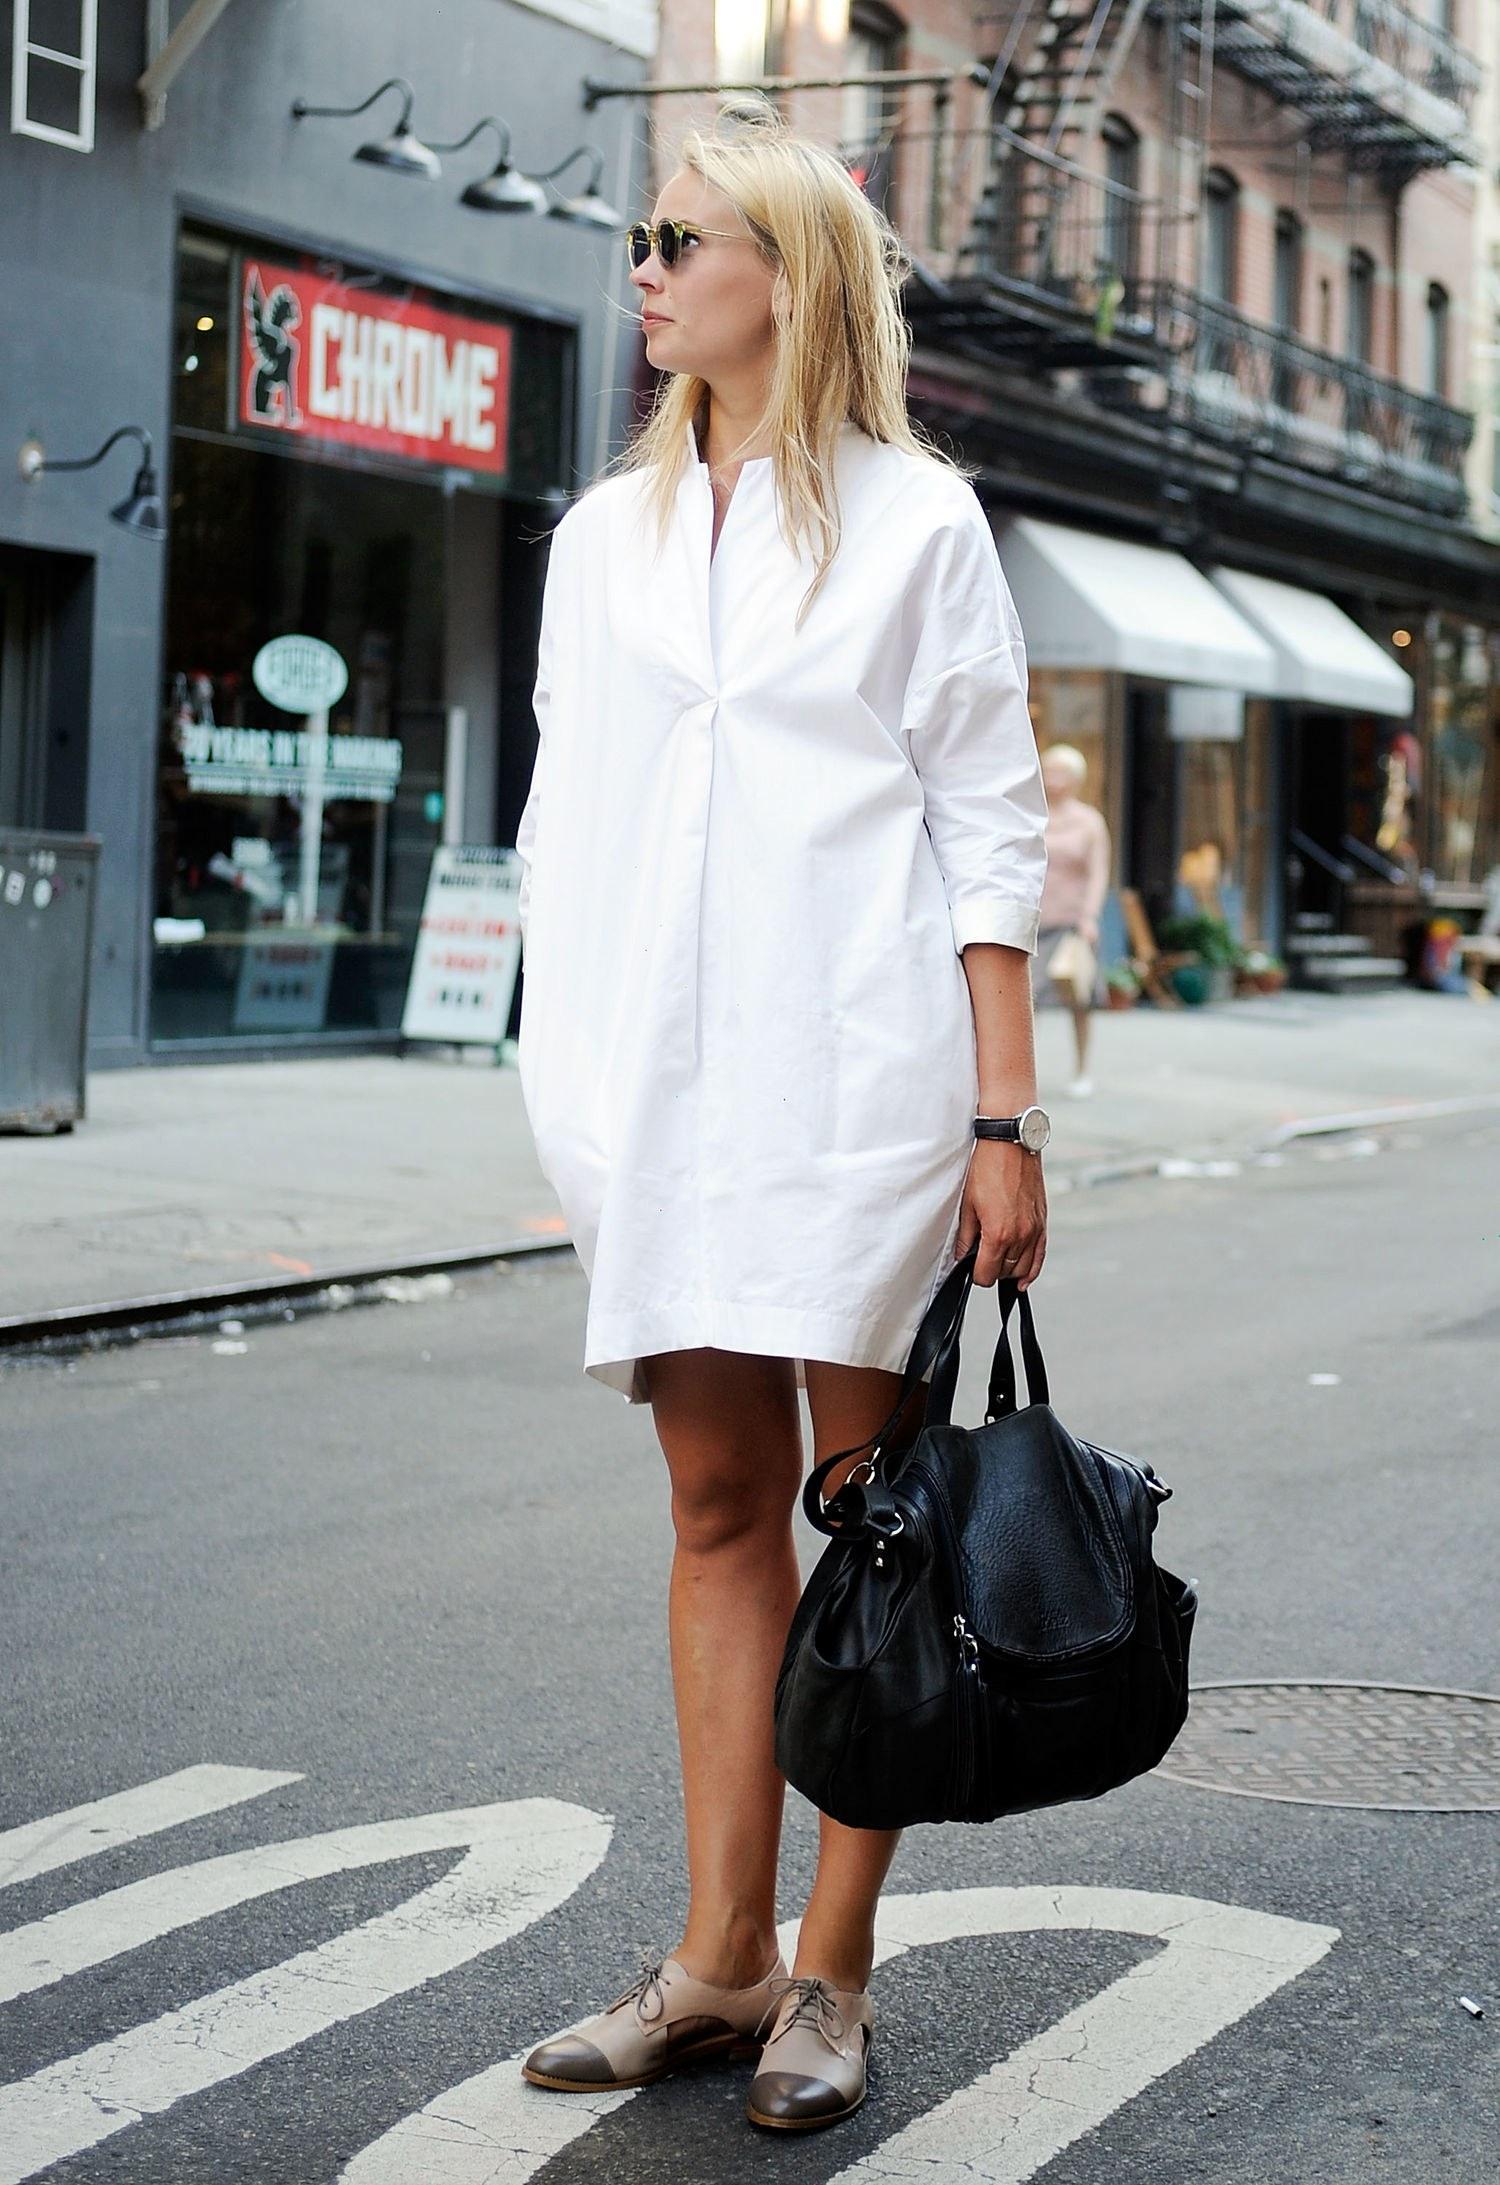 a0a6d1c90a4b Fashion Jobs – 5 Summer Office Wardrobe Staples